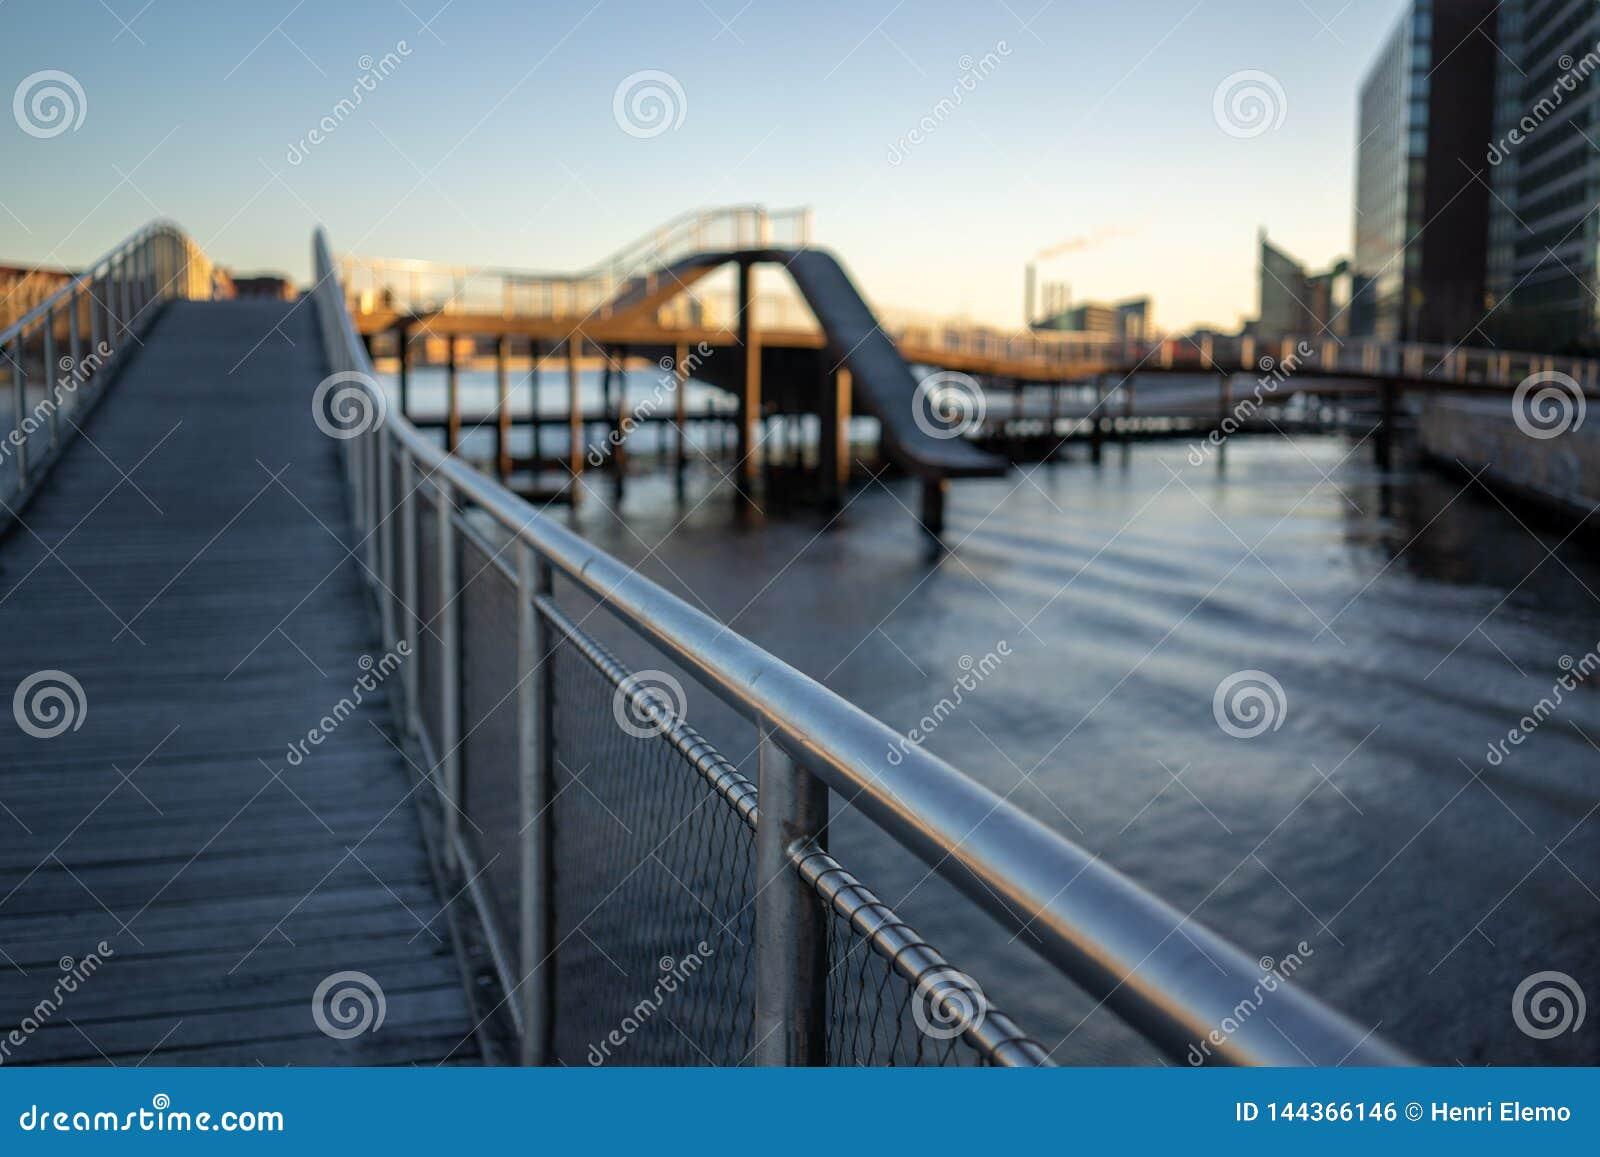 Copenhague, Dinamarca - 1 de abril de 2019: Puente de Kalvobod que es una estructura moderna